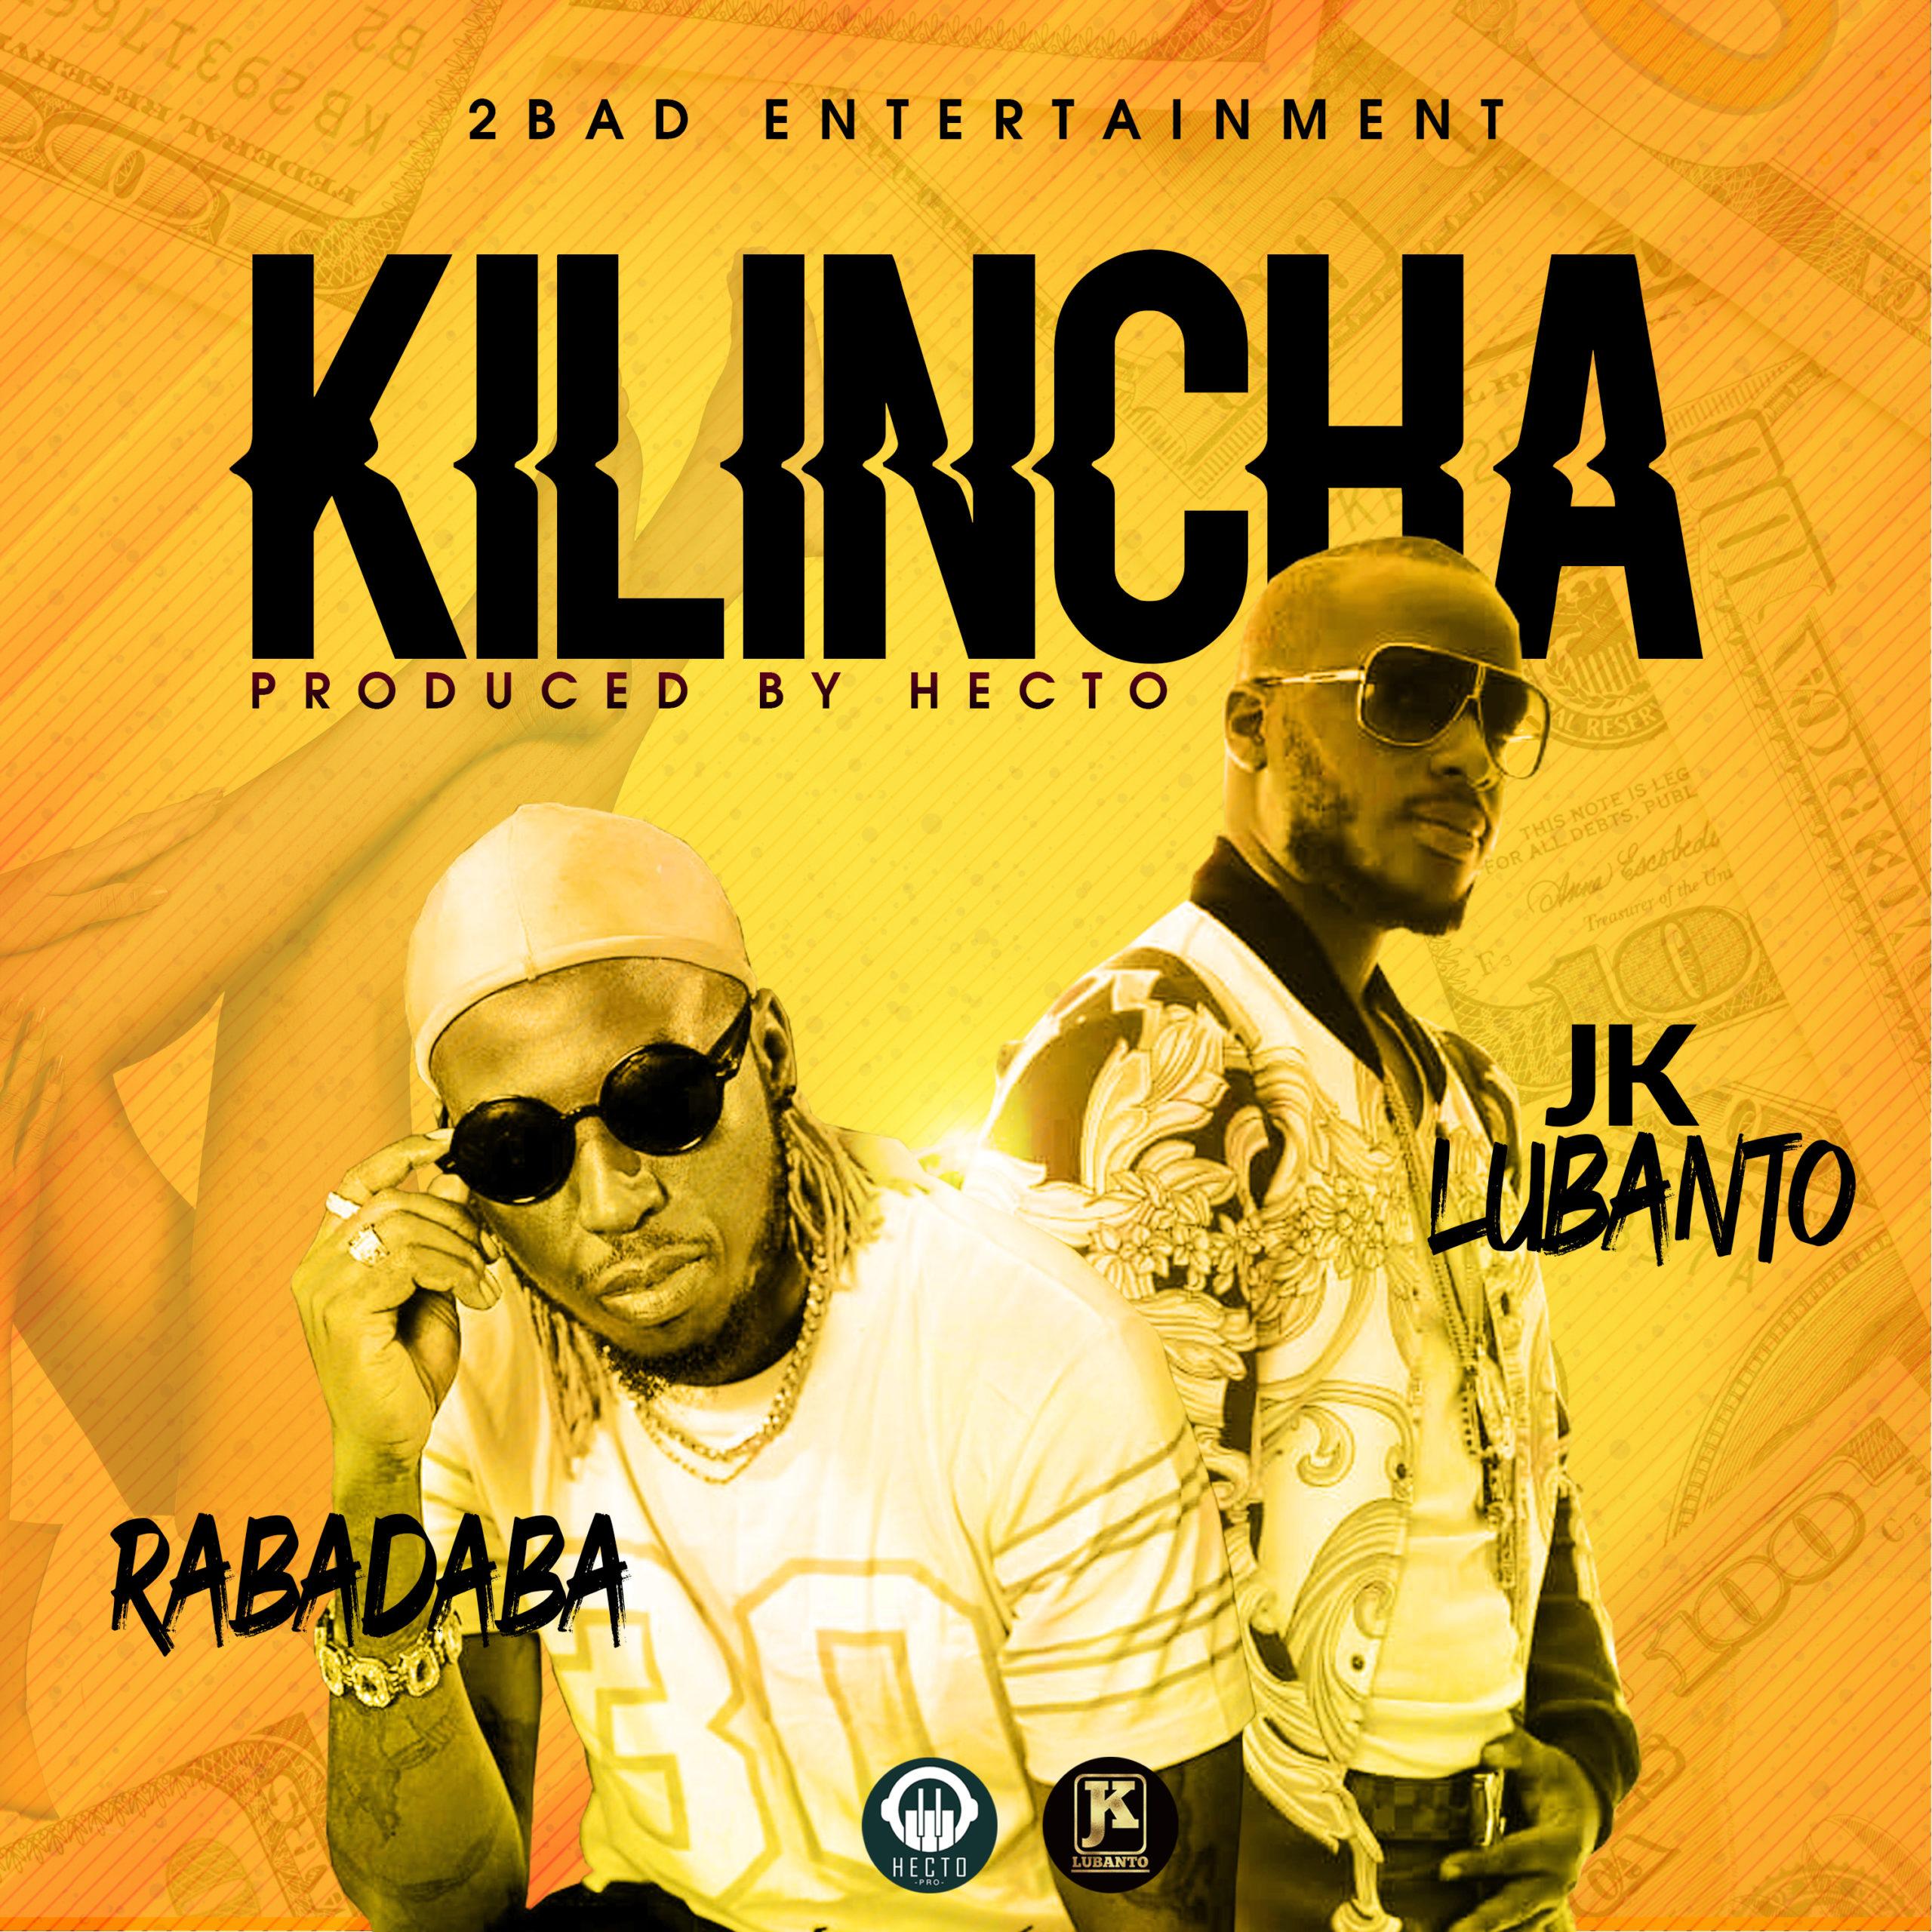 JK Lubanto ft. Rabadaba – Kilincha